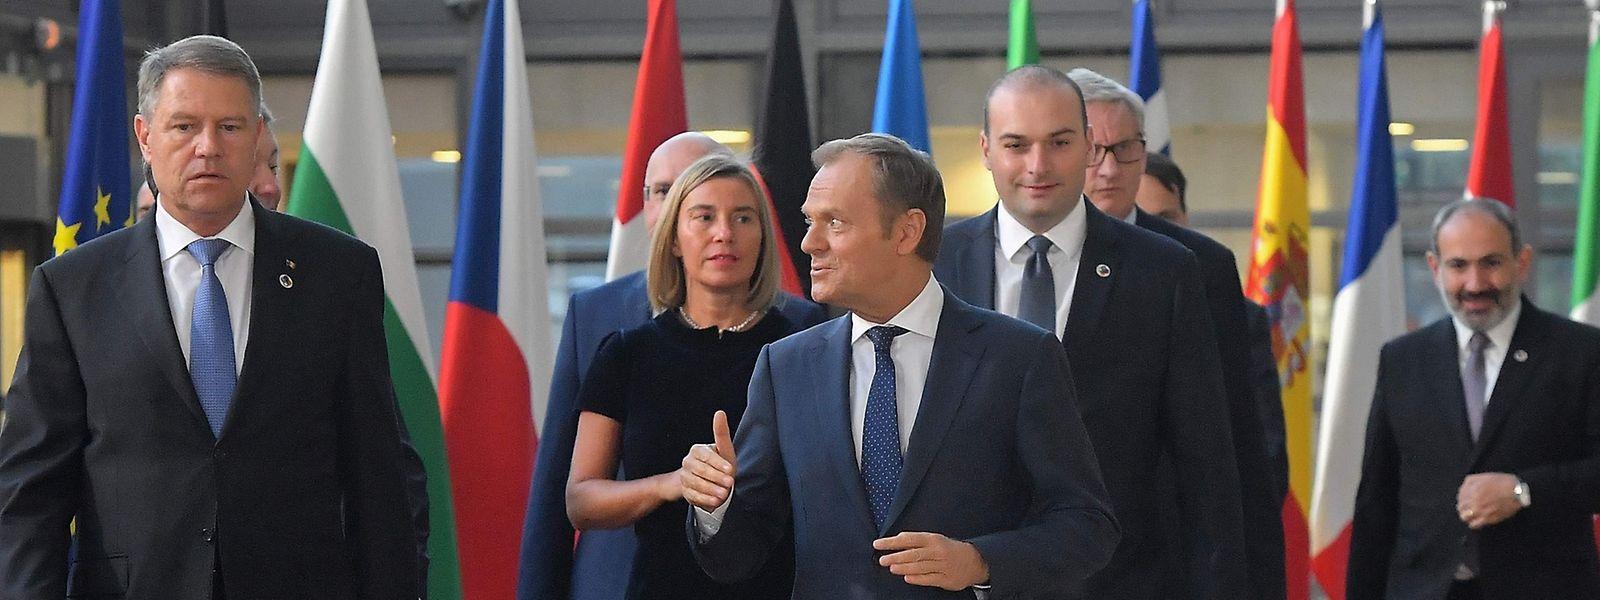 Donald Tusk (3.v.l.) hatte die Staats- und Regierungschefs der östlichen Partnerländer zu einem Abendessen eingeladen.